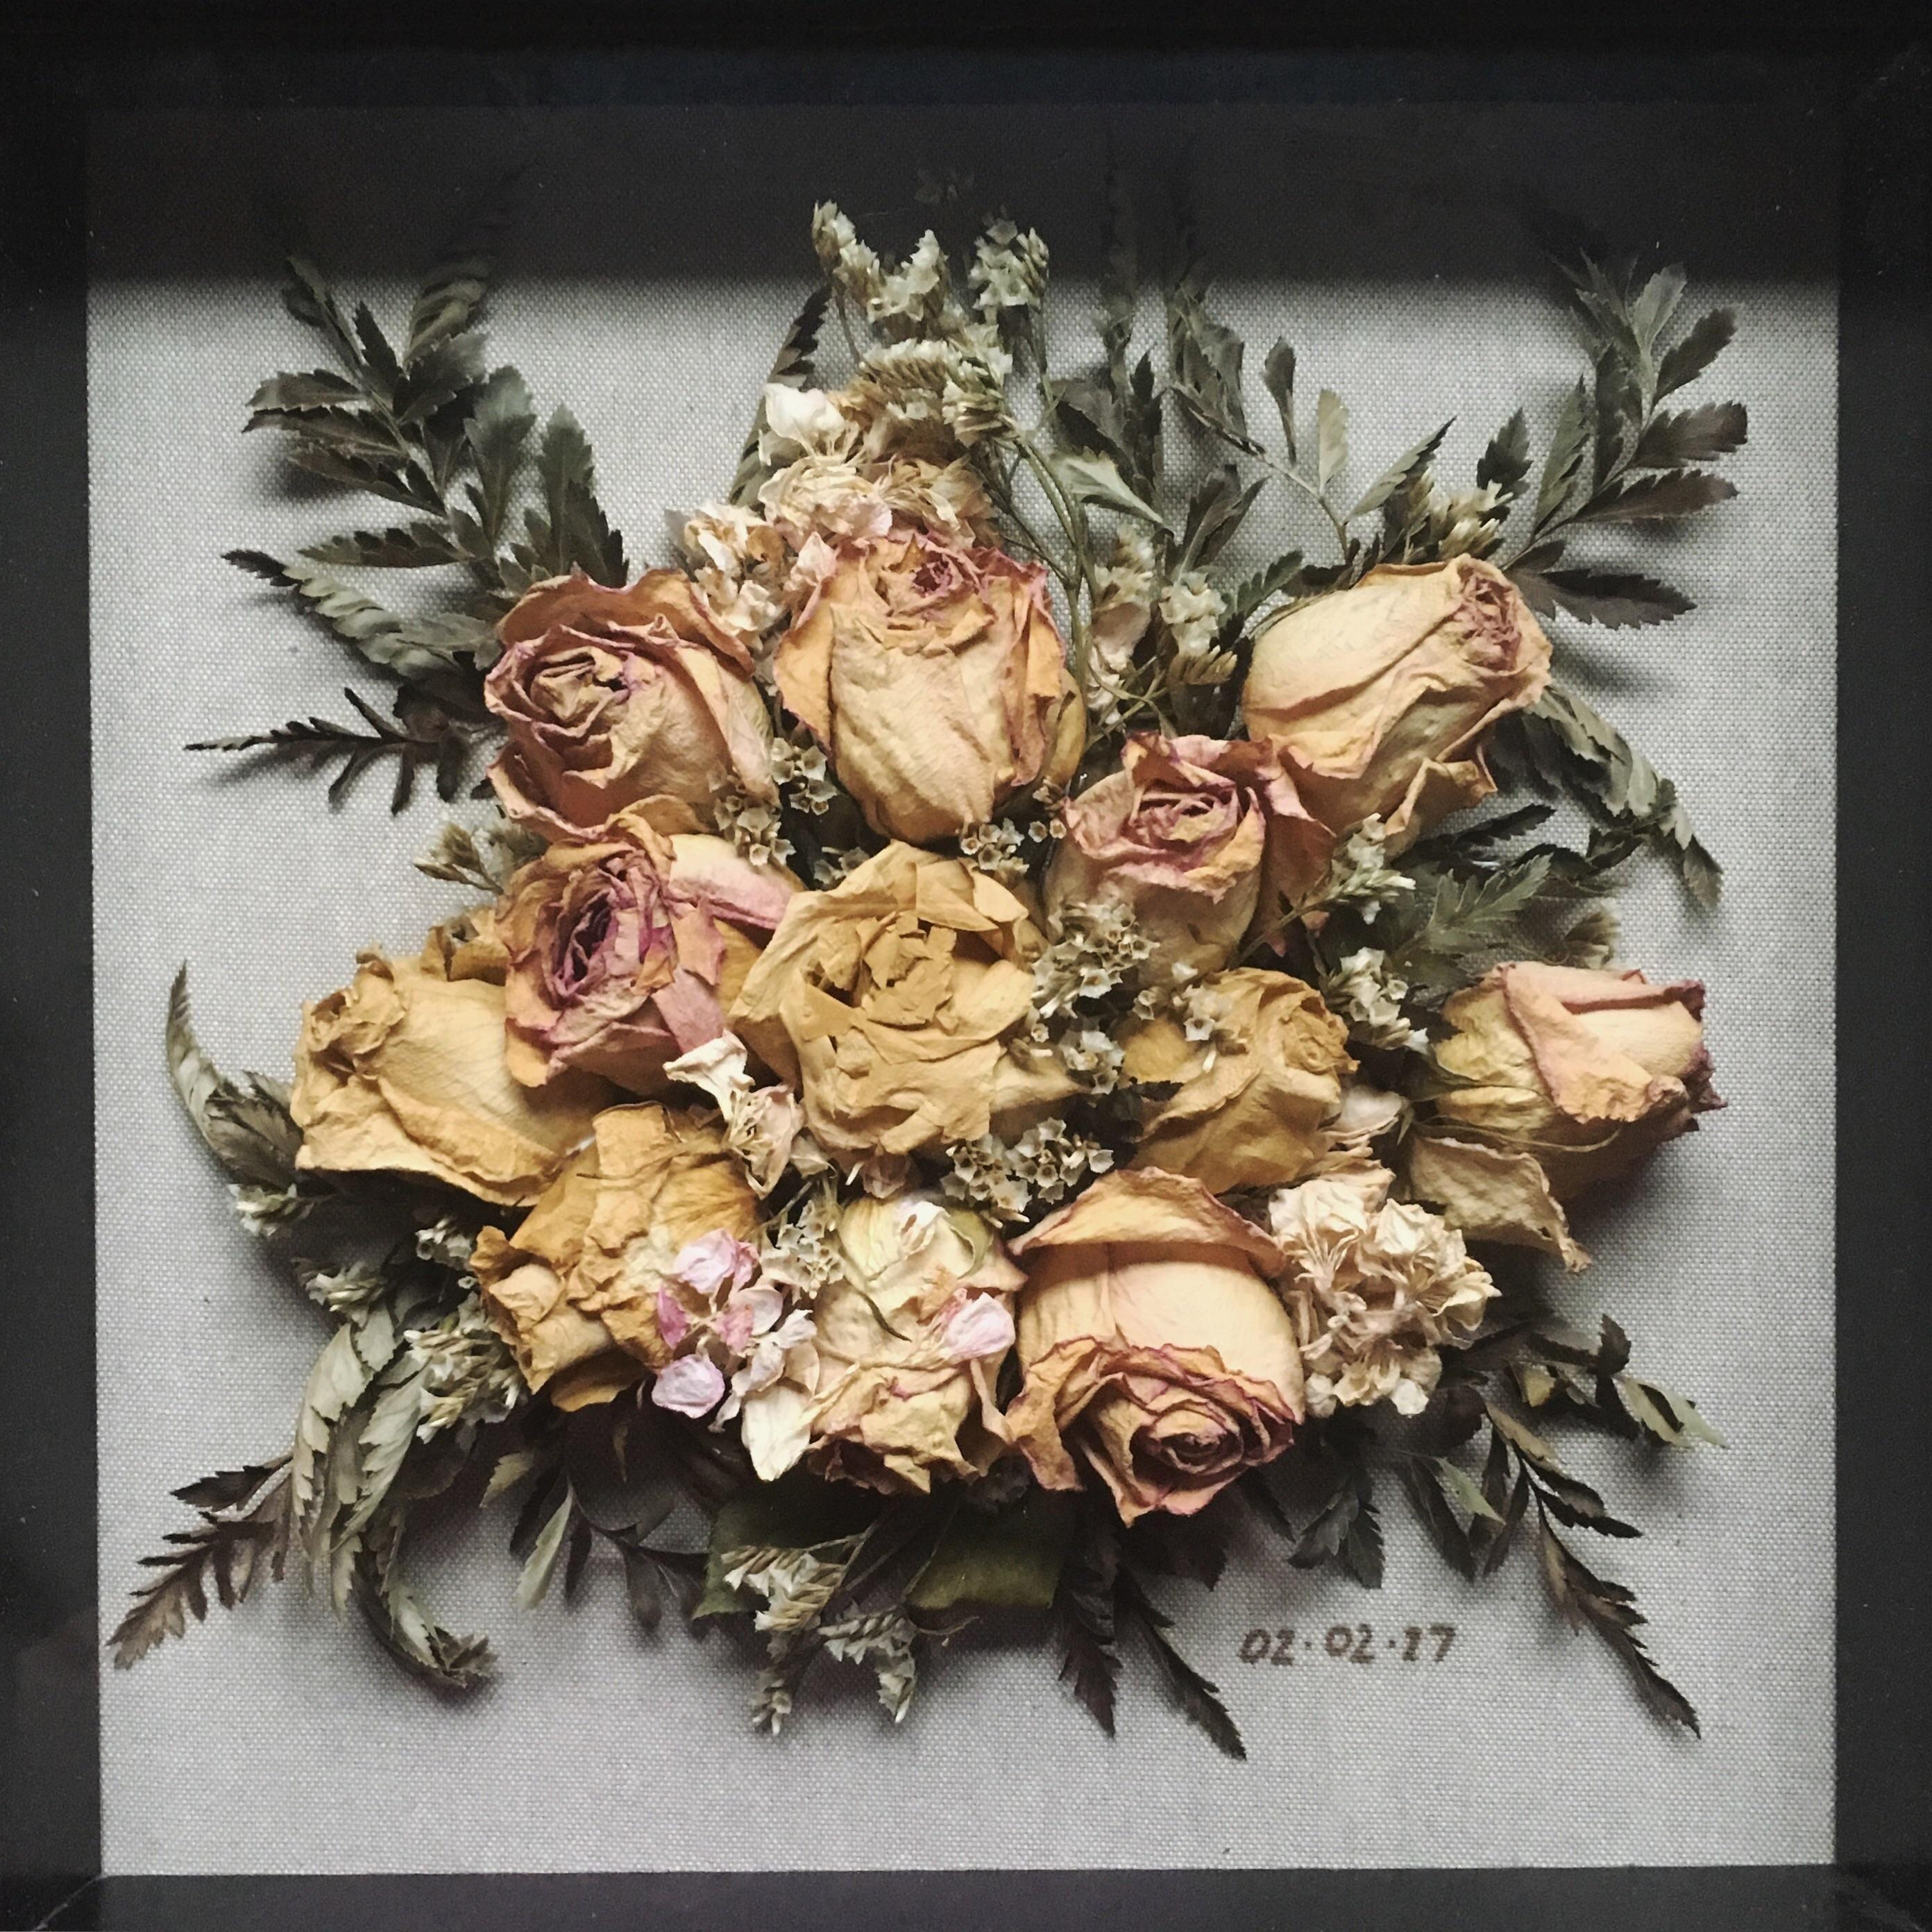 Shadow Box Frame Dried Wedding Bouquet Wedding Shadow Box